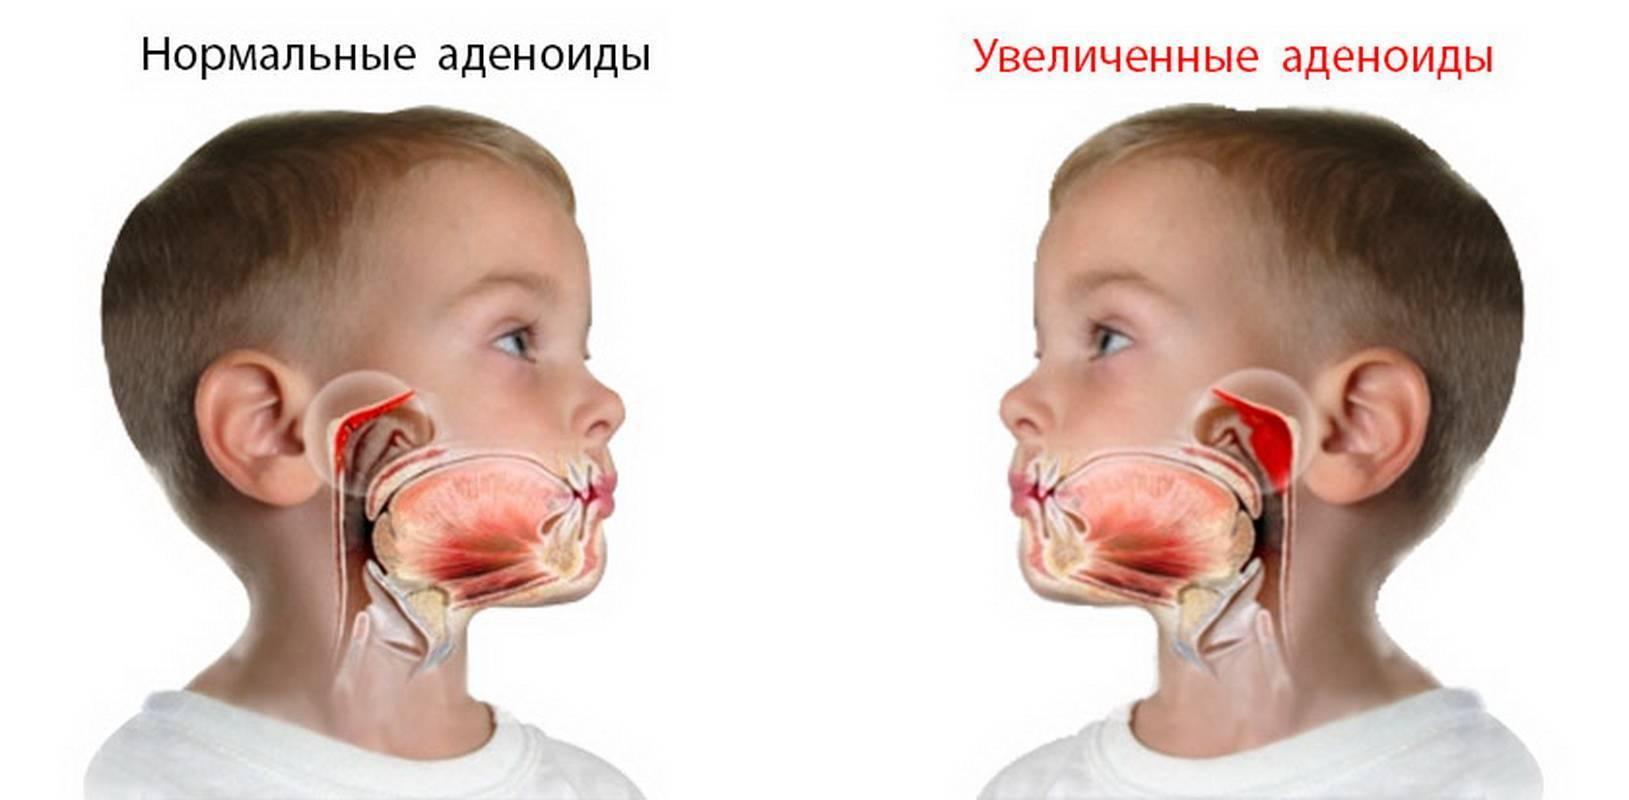 как лечить аденоидит у детей